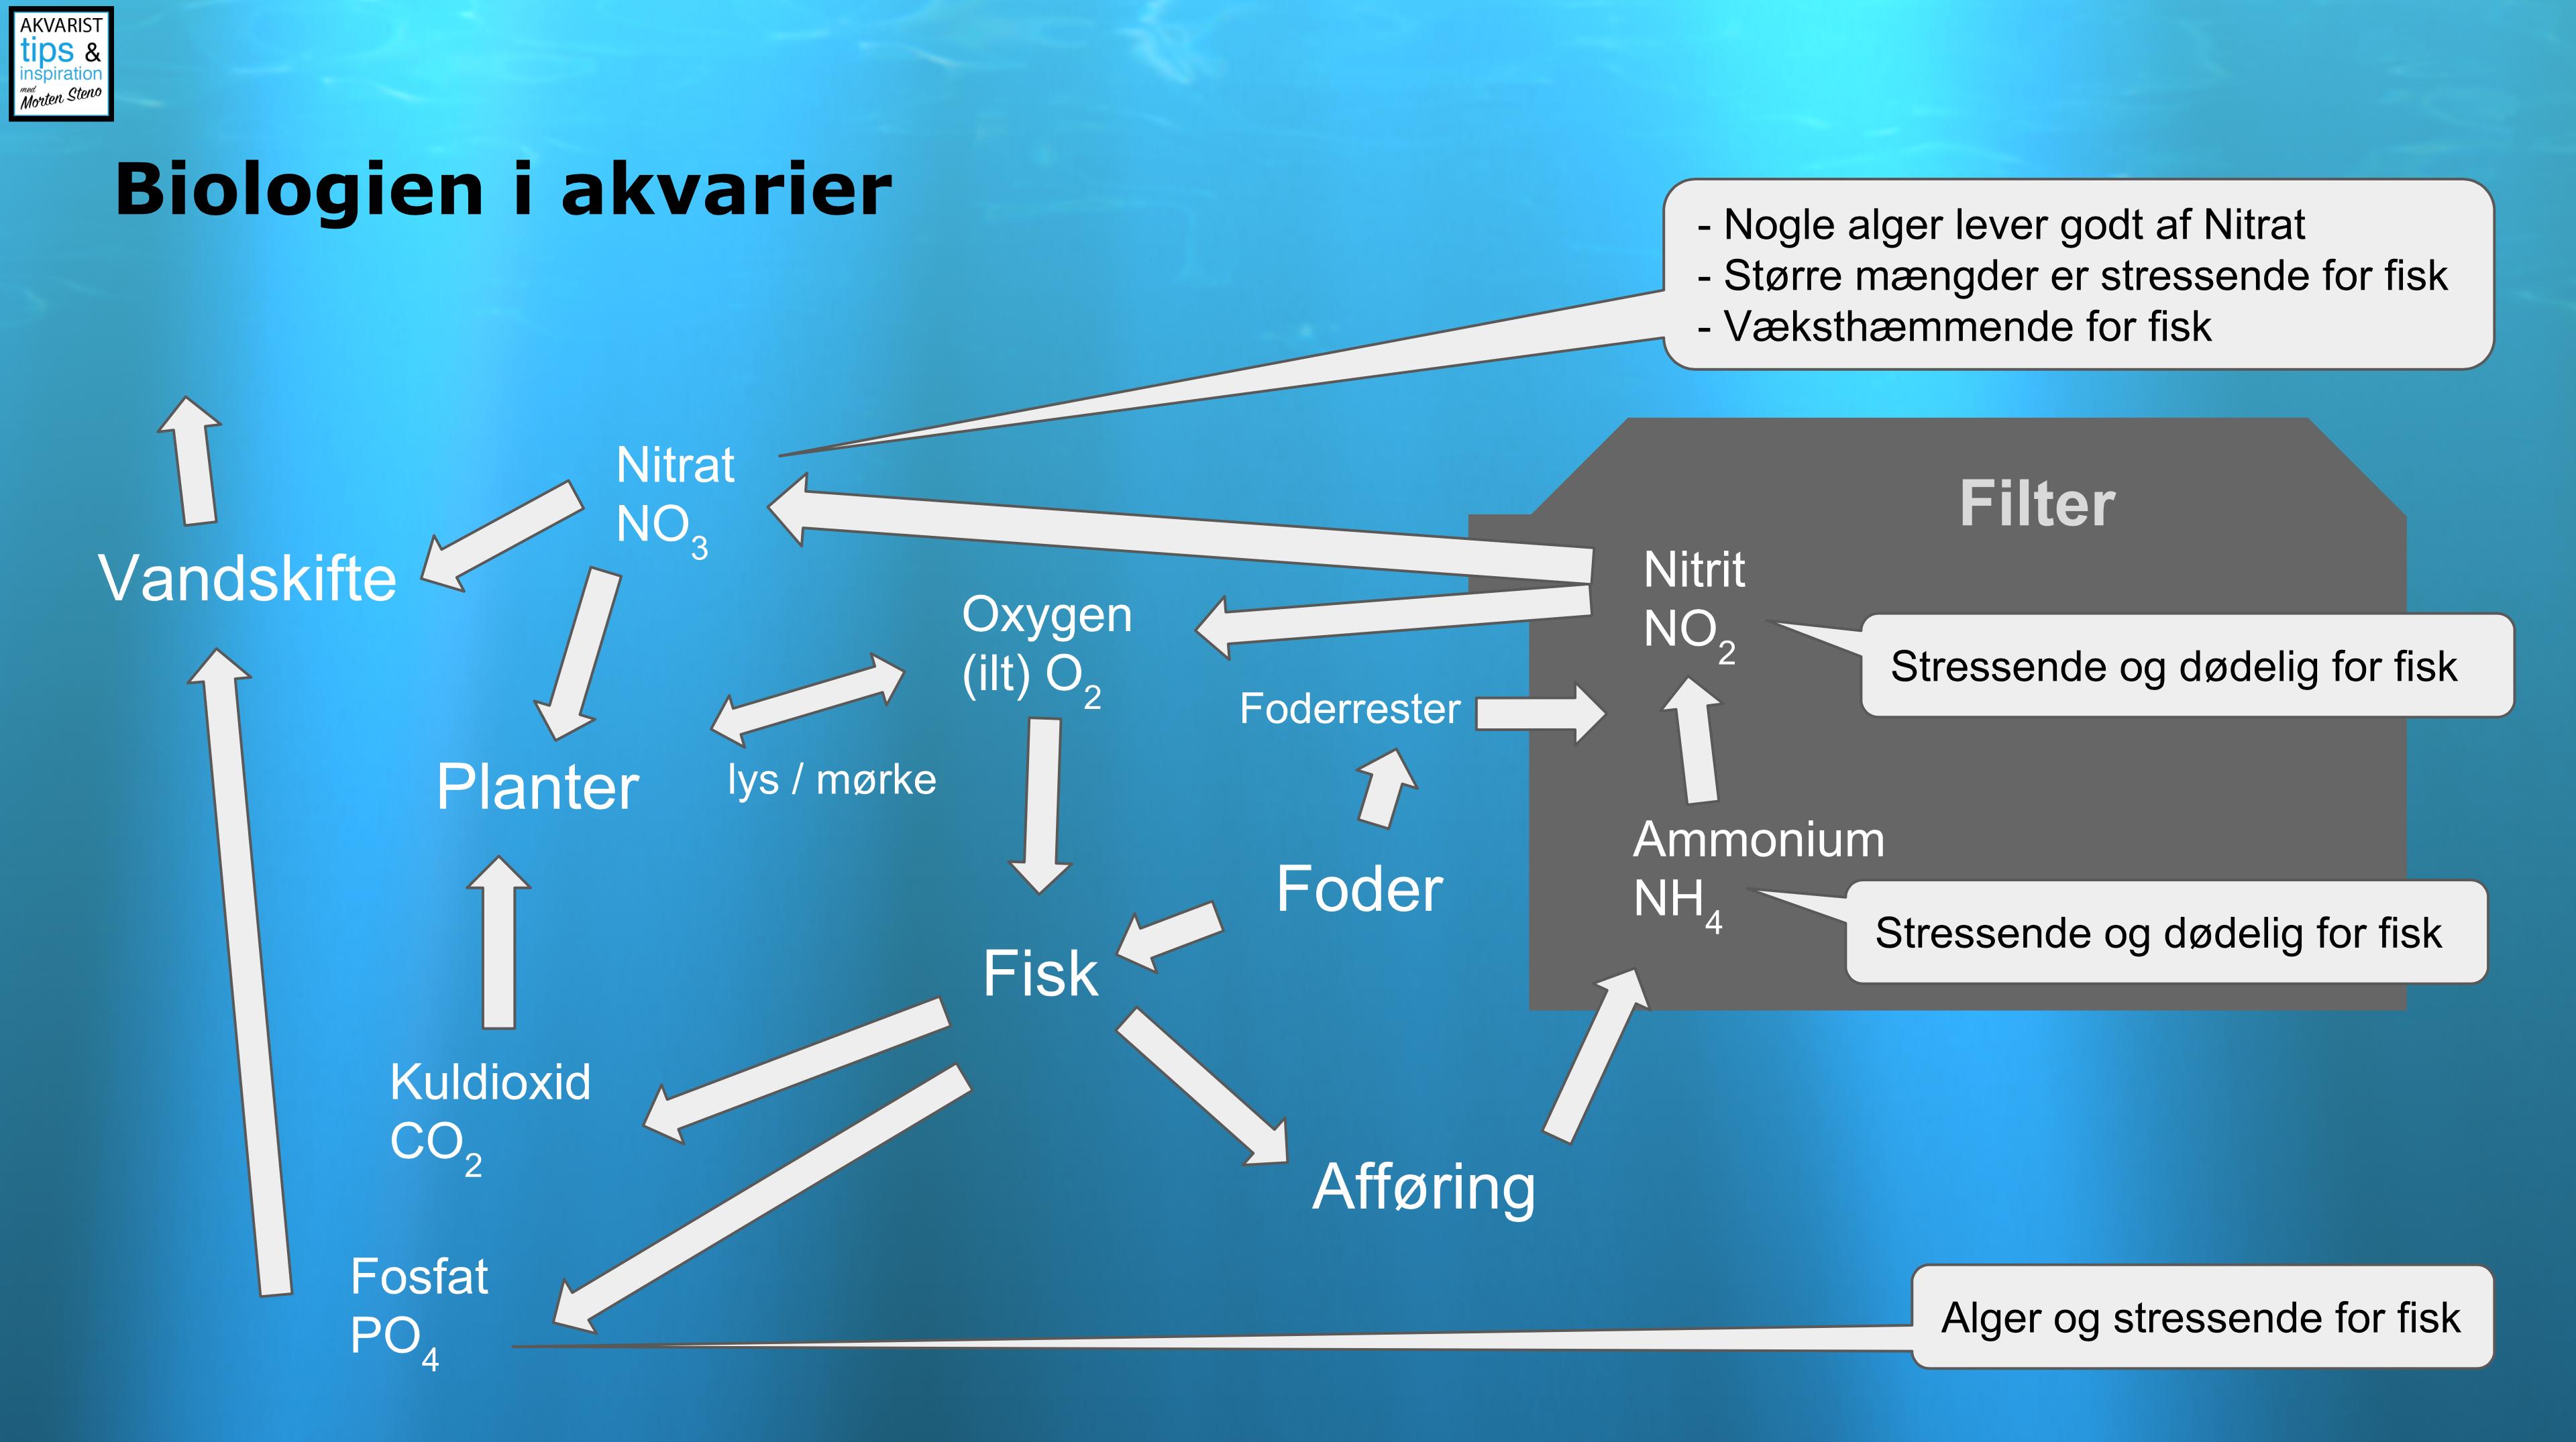 Biologien i akvariet - Akvarist Tips Inspiration med Morten Steno